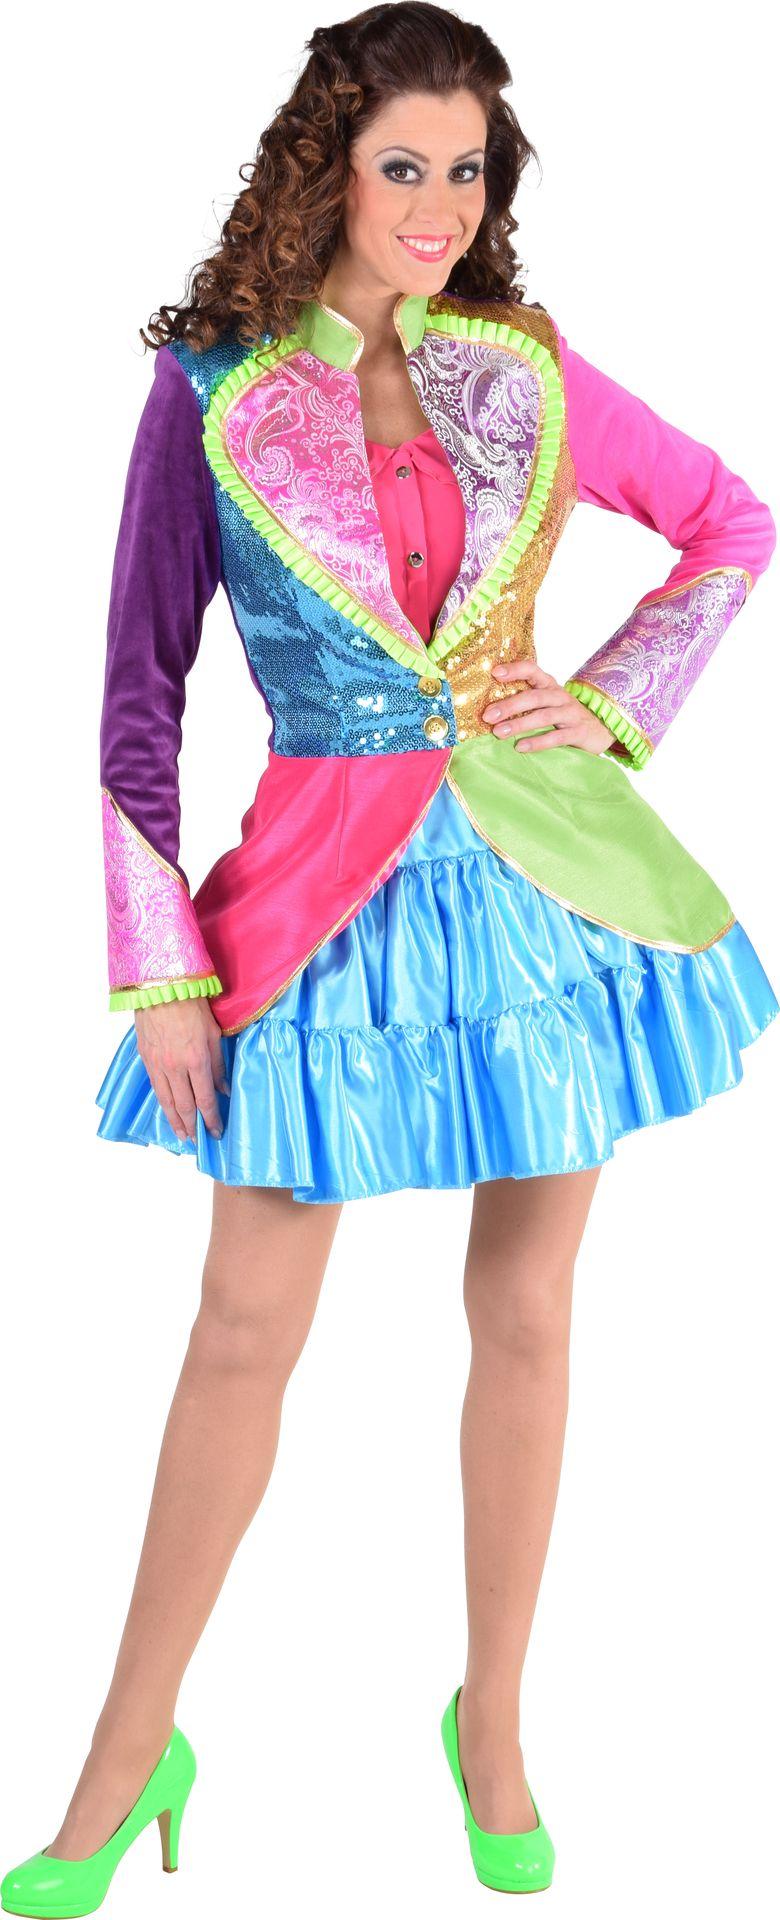 Kleurrijk carnaval jasje